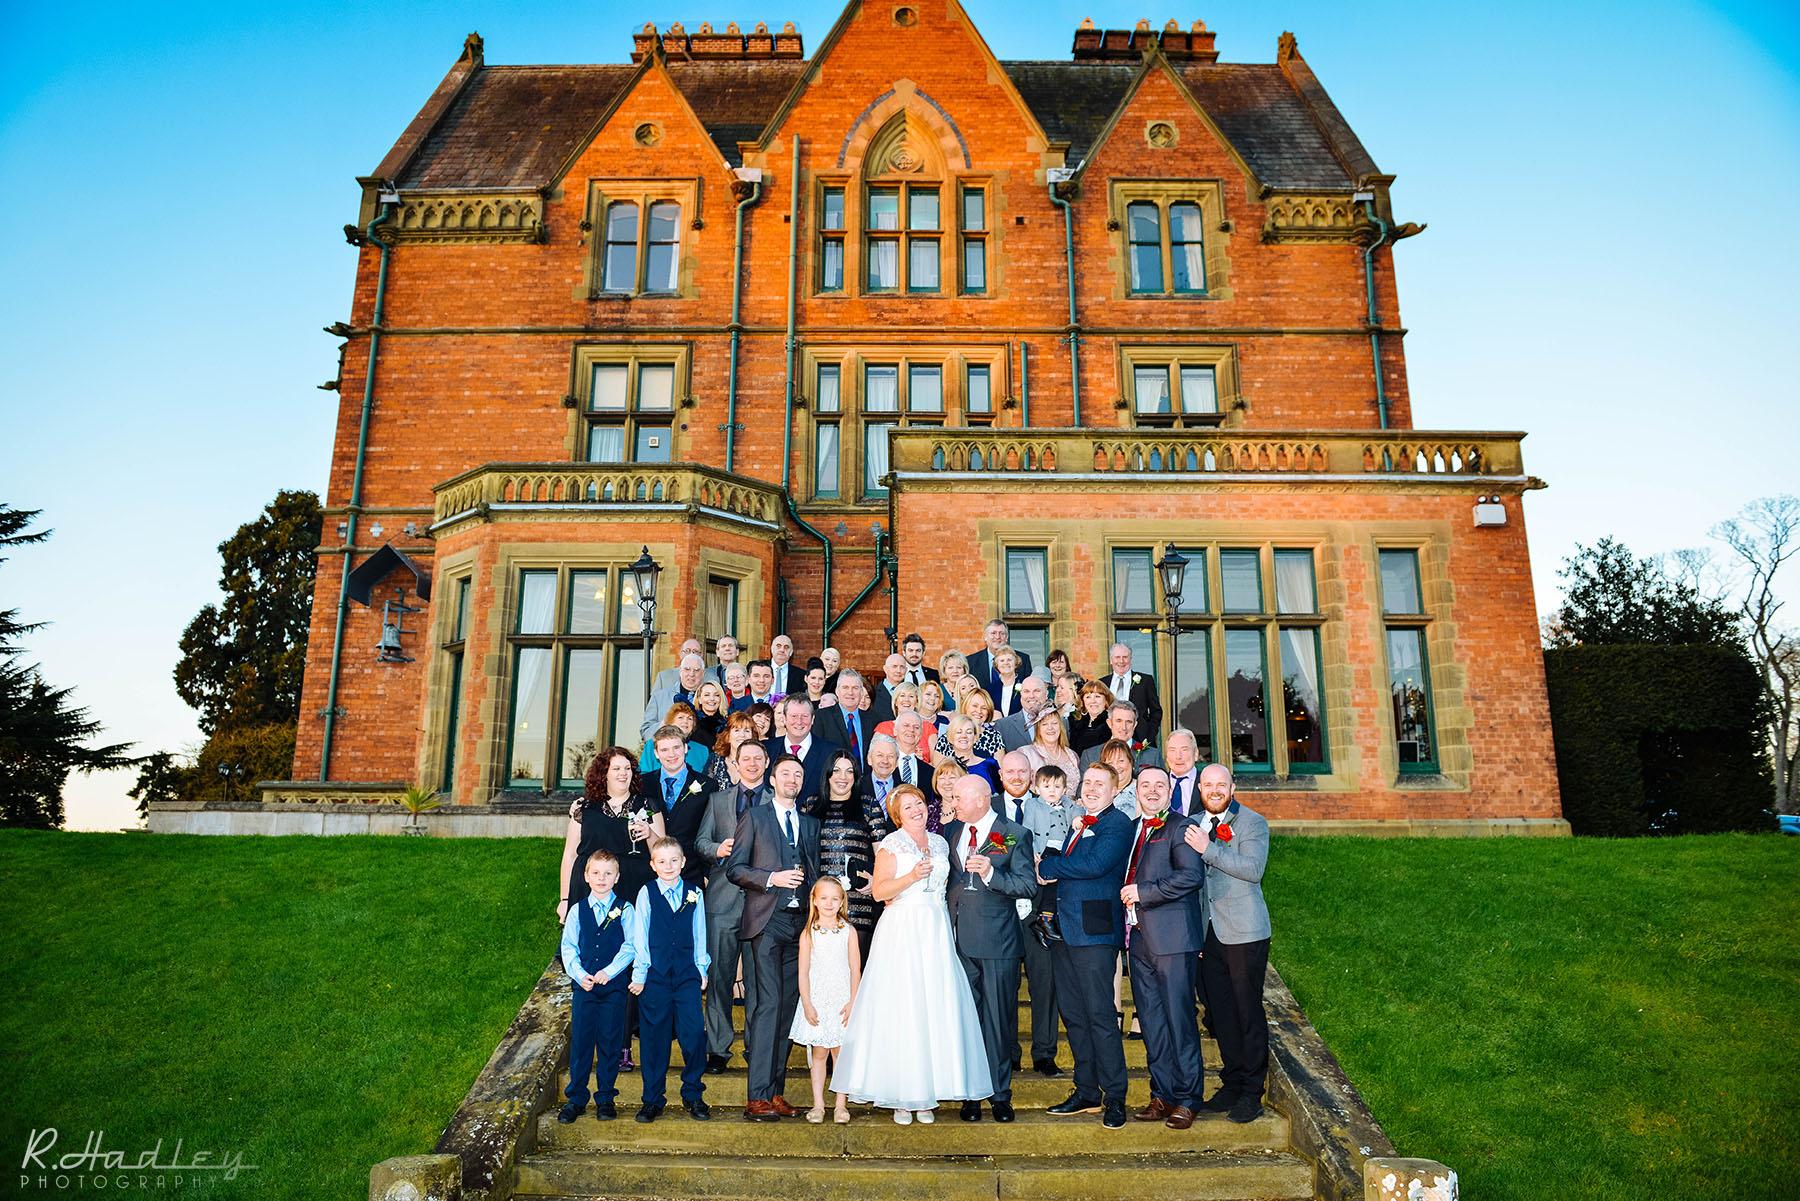 Wedding at Wroxall Abbey Hotel & Estate, Warwickshire